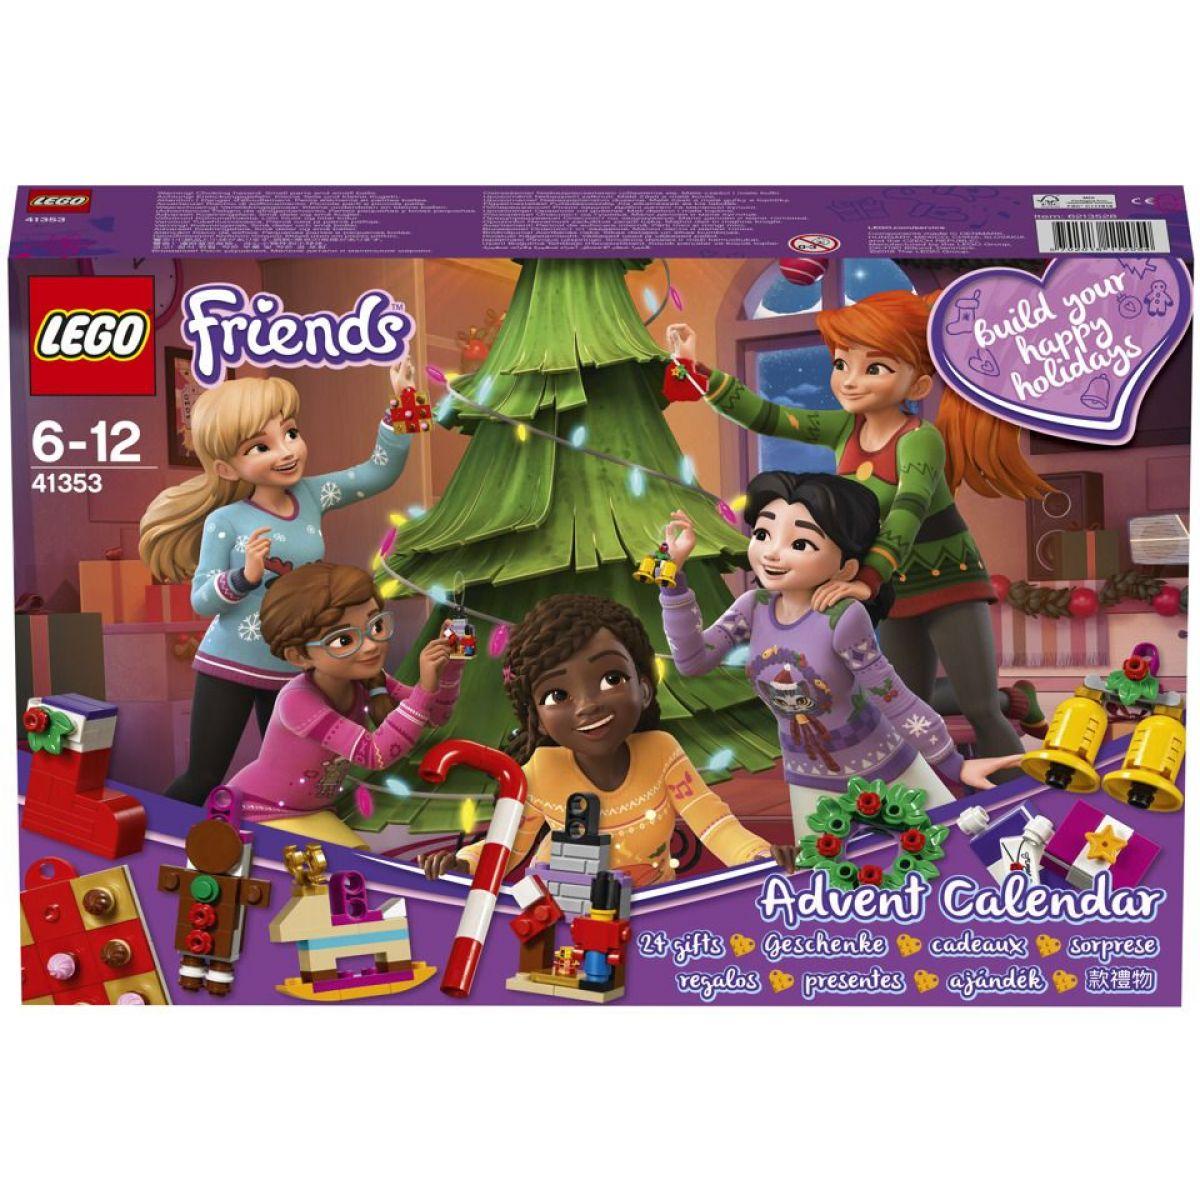 LEGO Friends 41353 Adventný kalendár - Poškodený obal